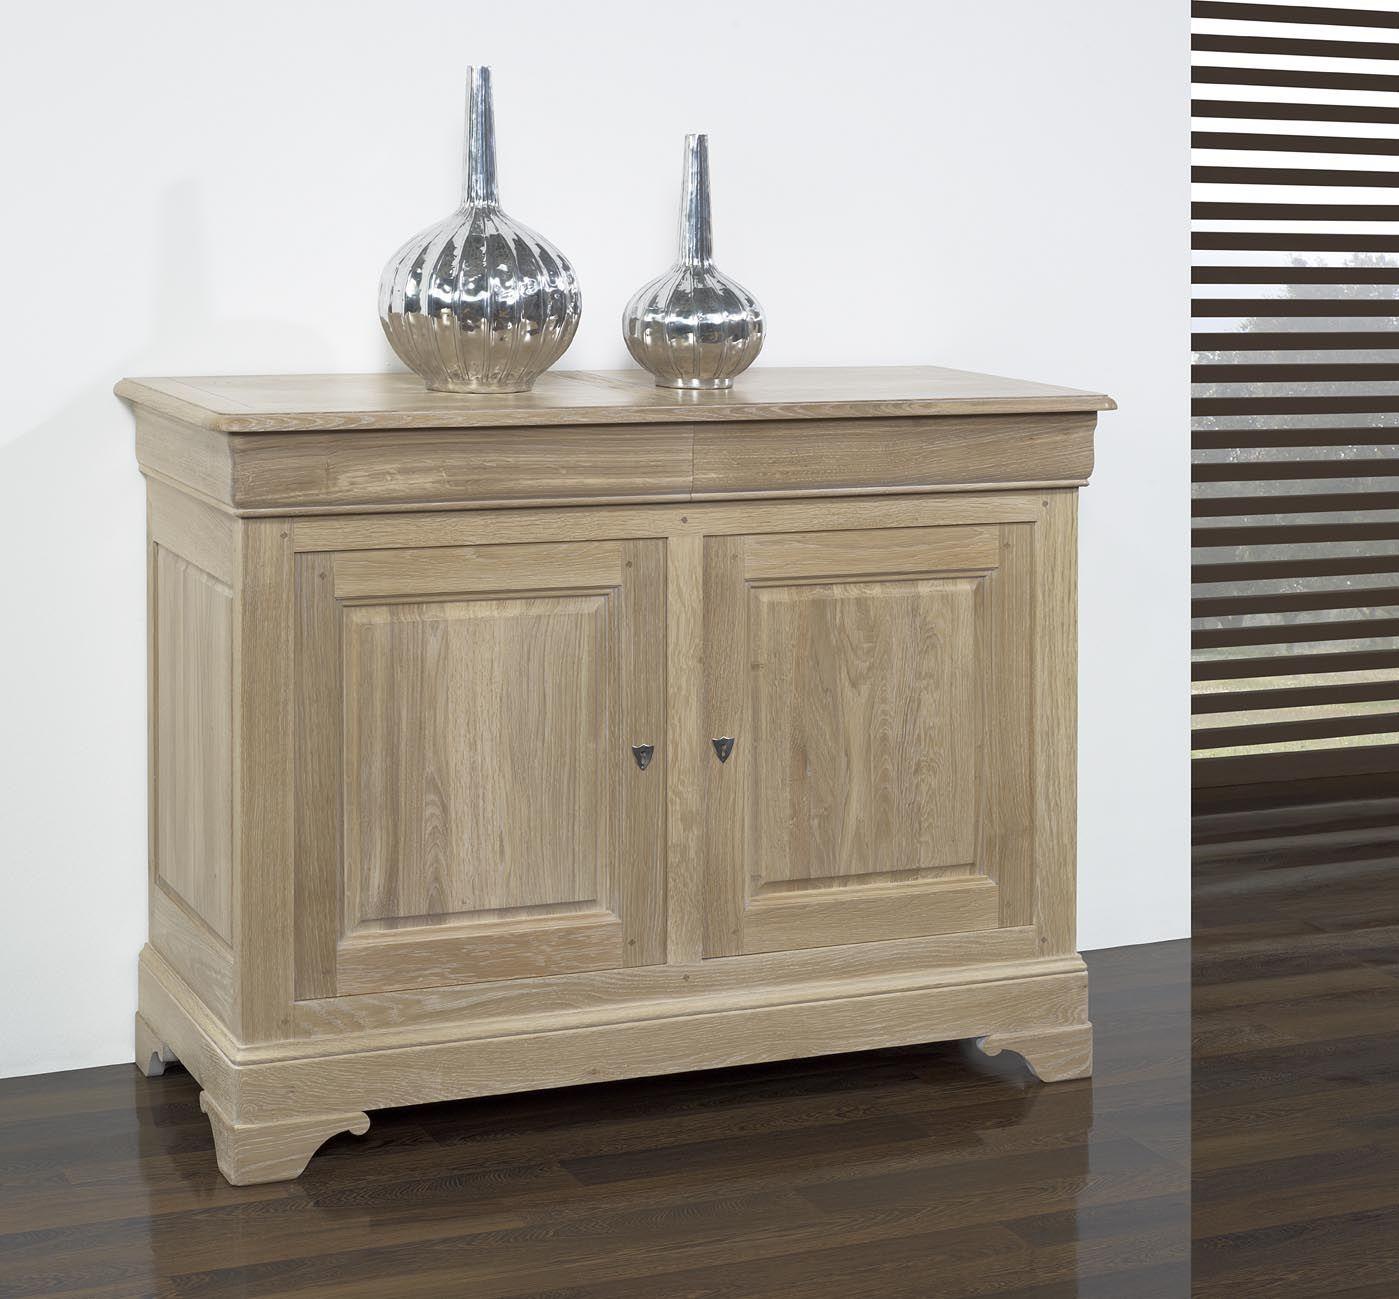 Buffet 2 portes 2 tiroirs en ch ne massif de style louis philippe 130 de large finition ch ne - Meuble chene massif ancien ...